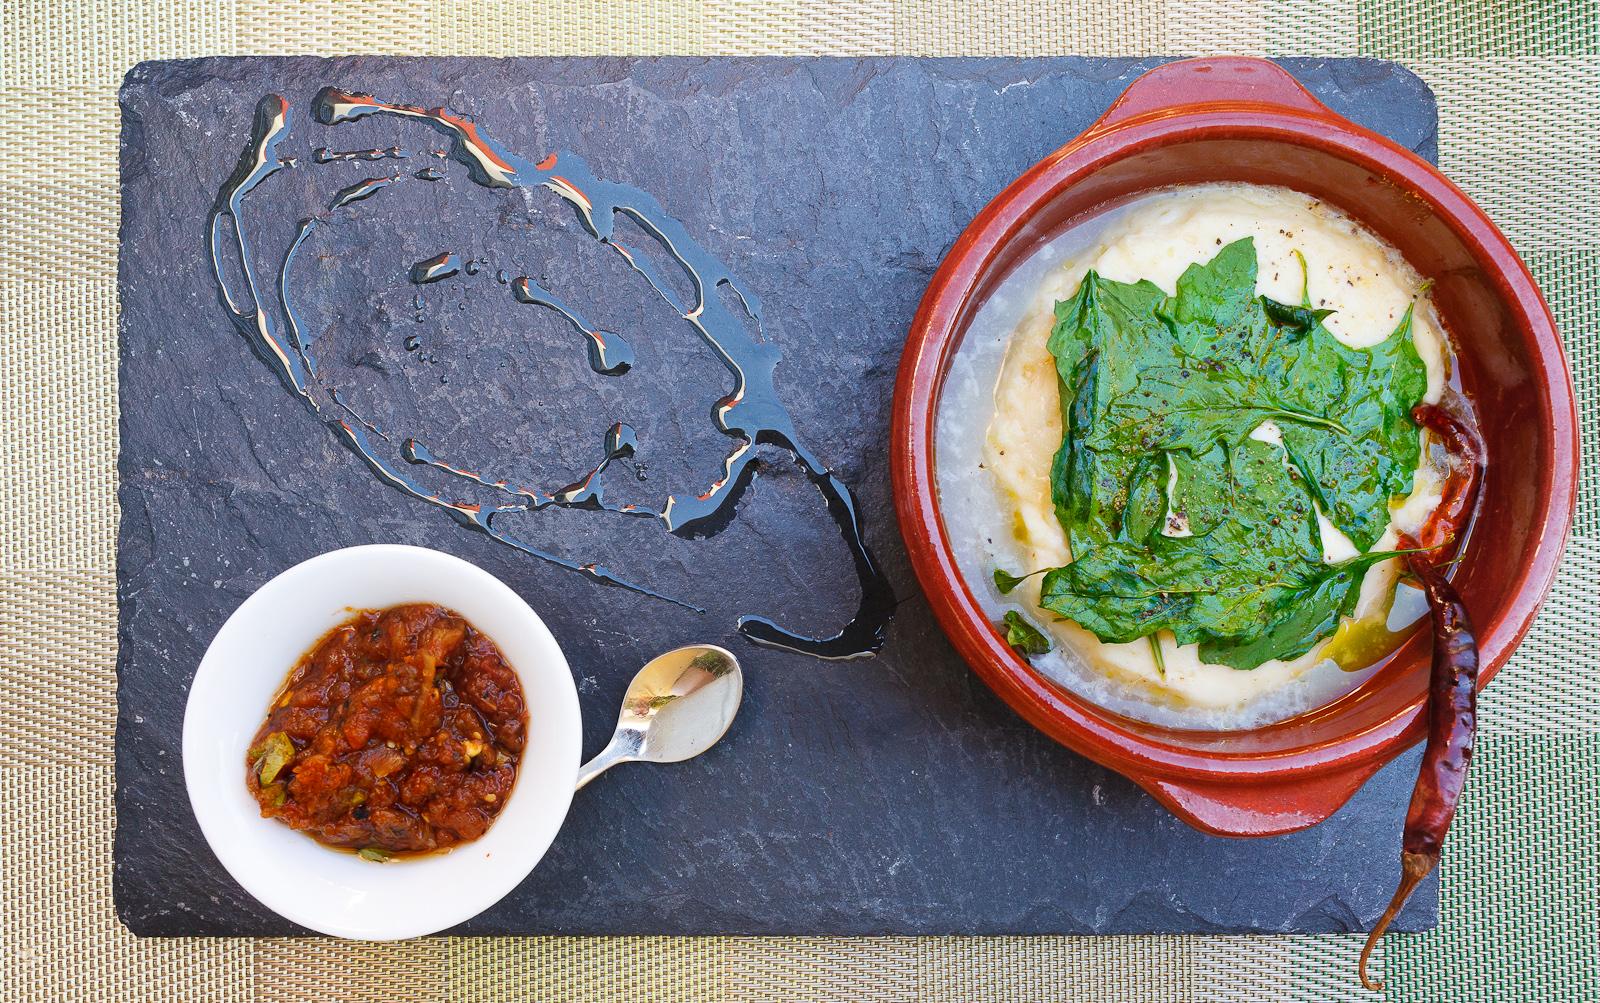 Queso fresco epazoteado con tortillas hechas en casa (MXP $88)